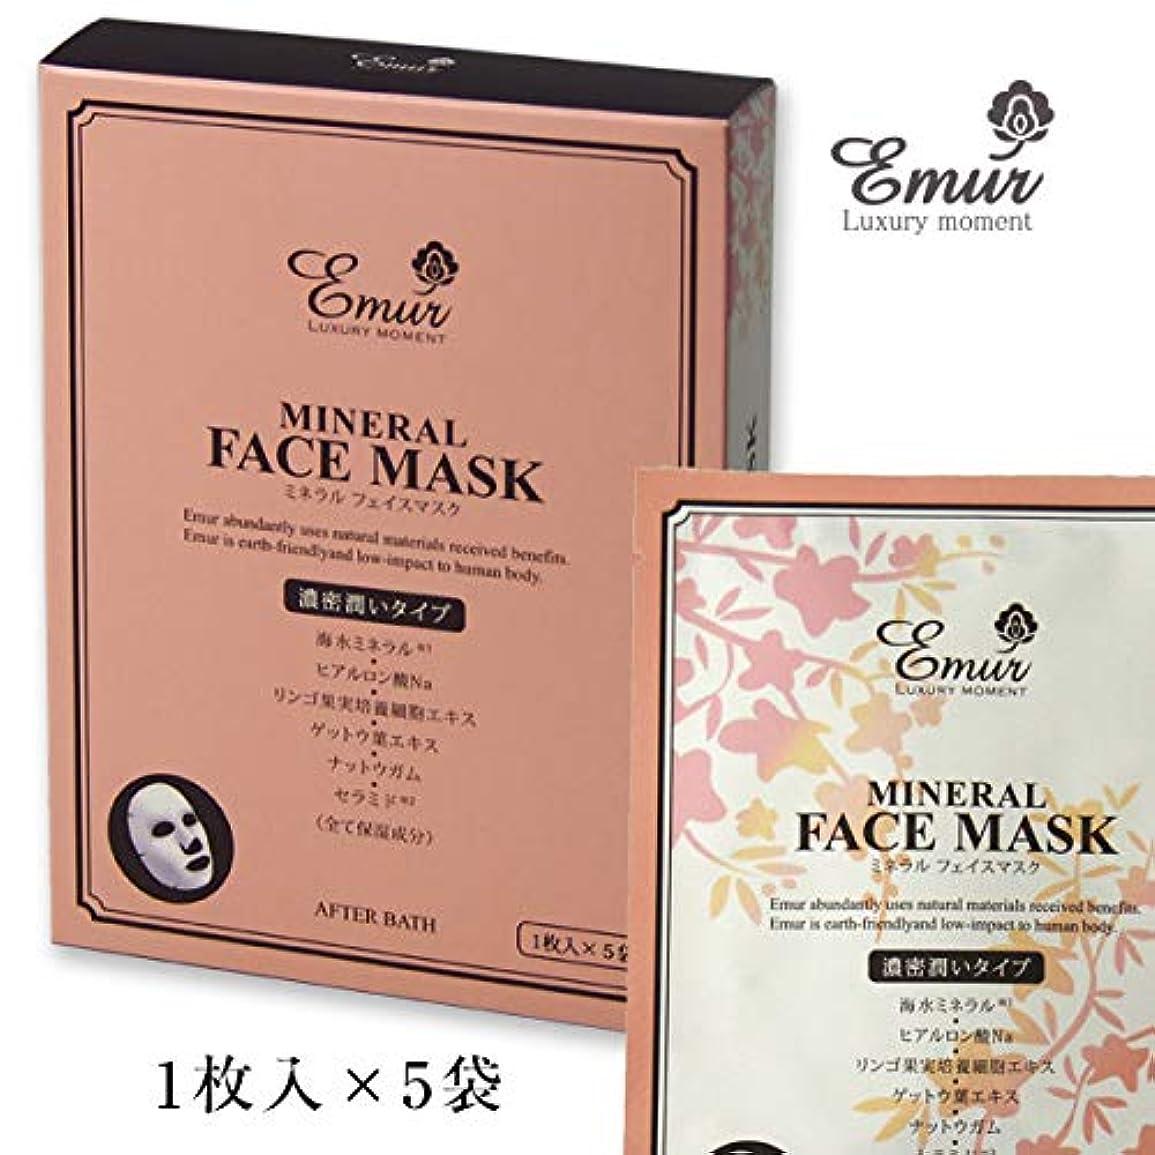 パネル任意侵入エミュール ミネラル フェイスマスク 1枚入×5袋